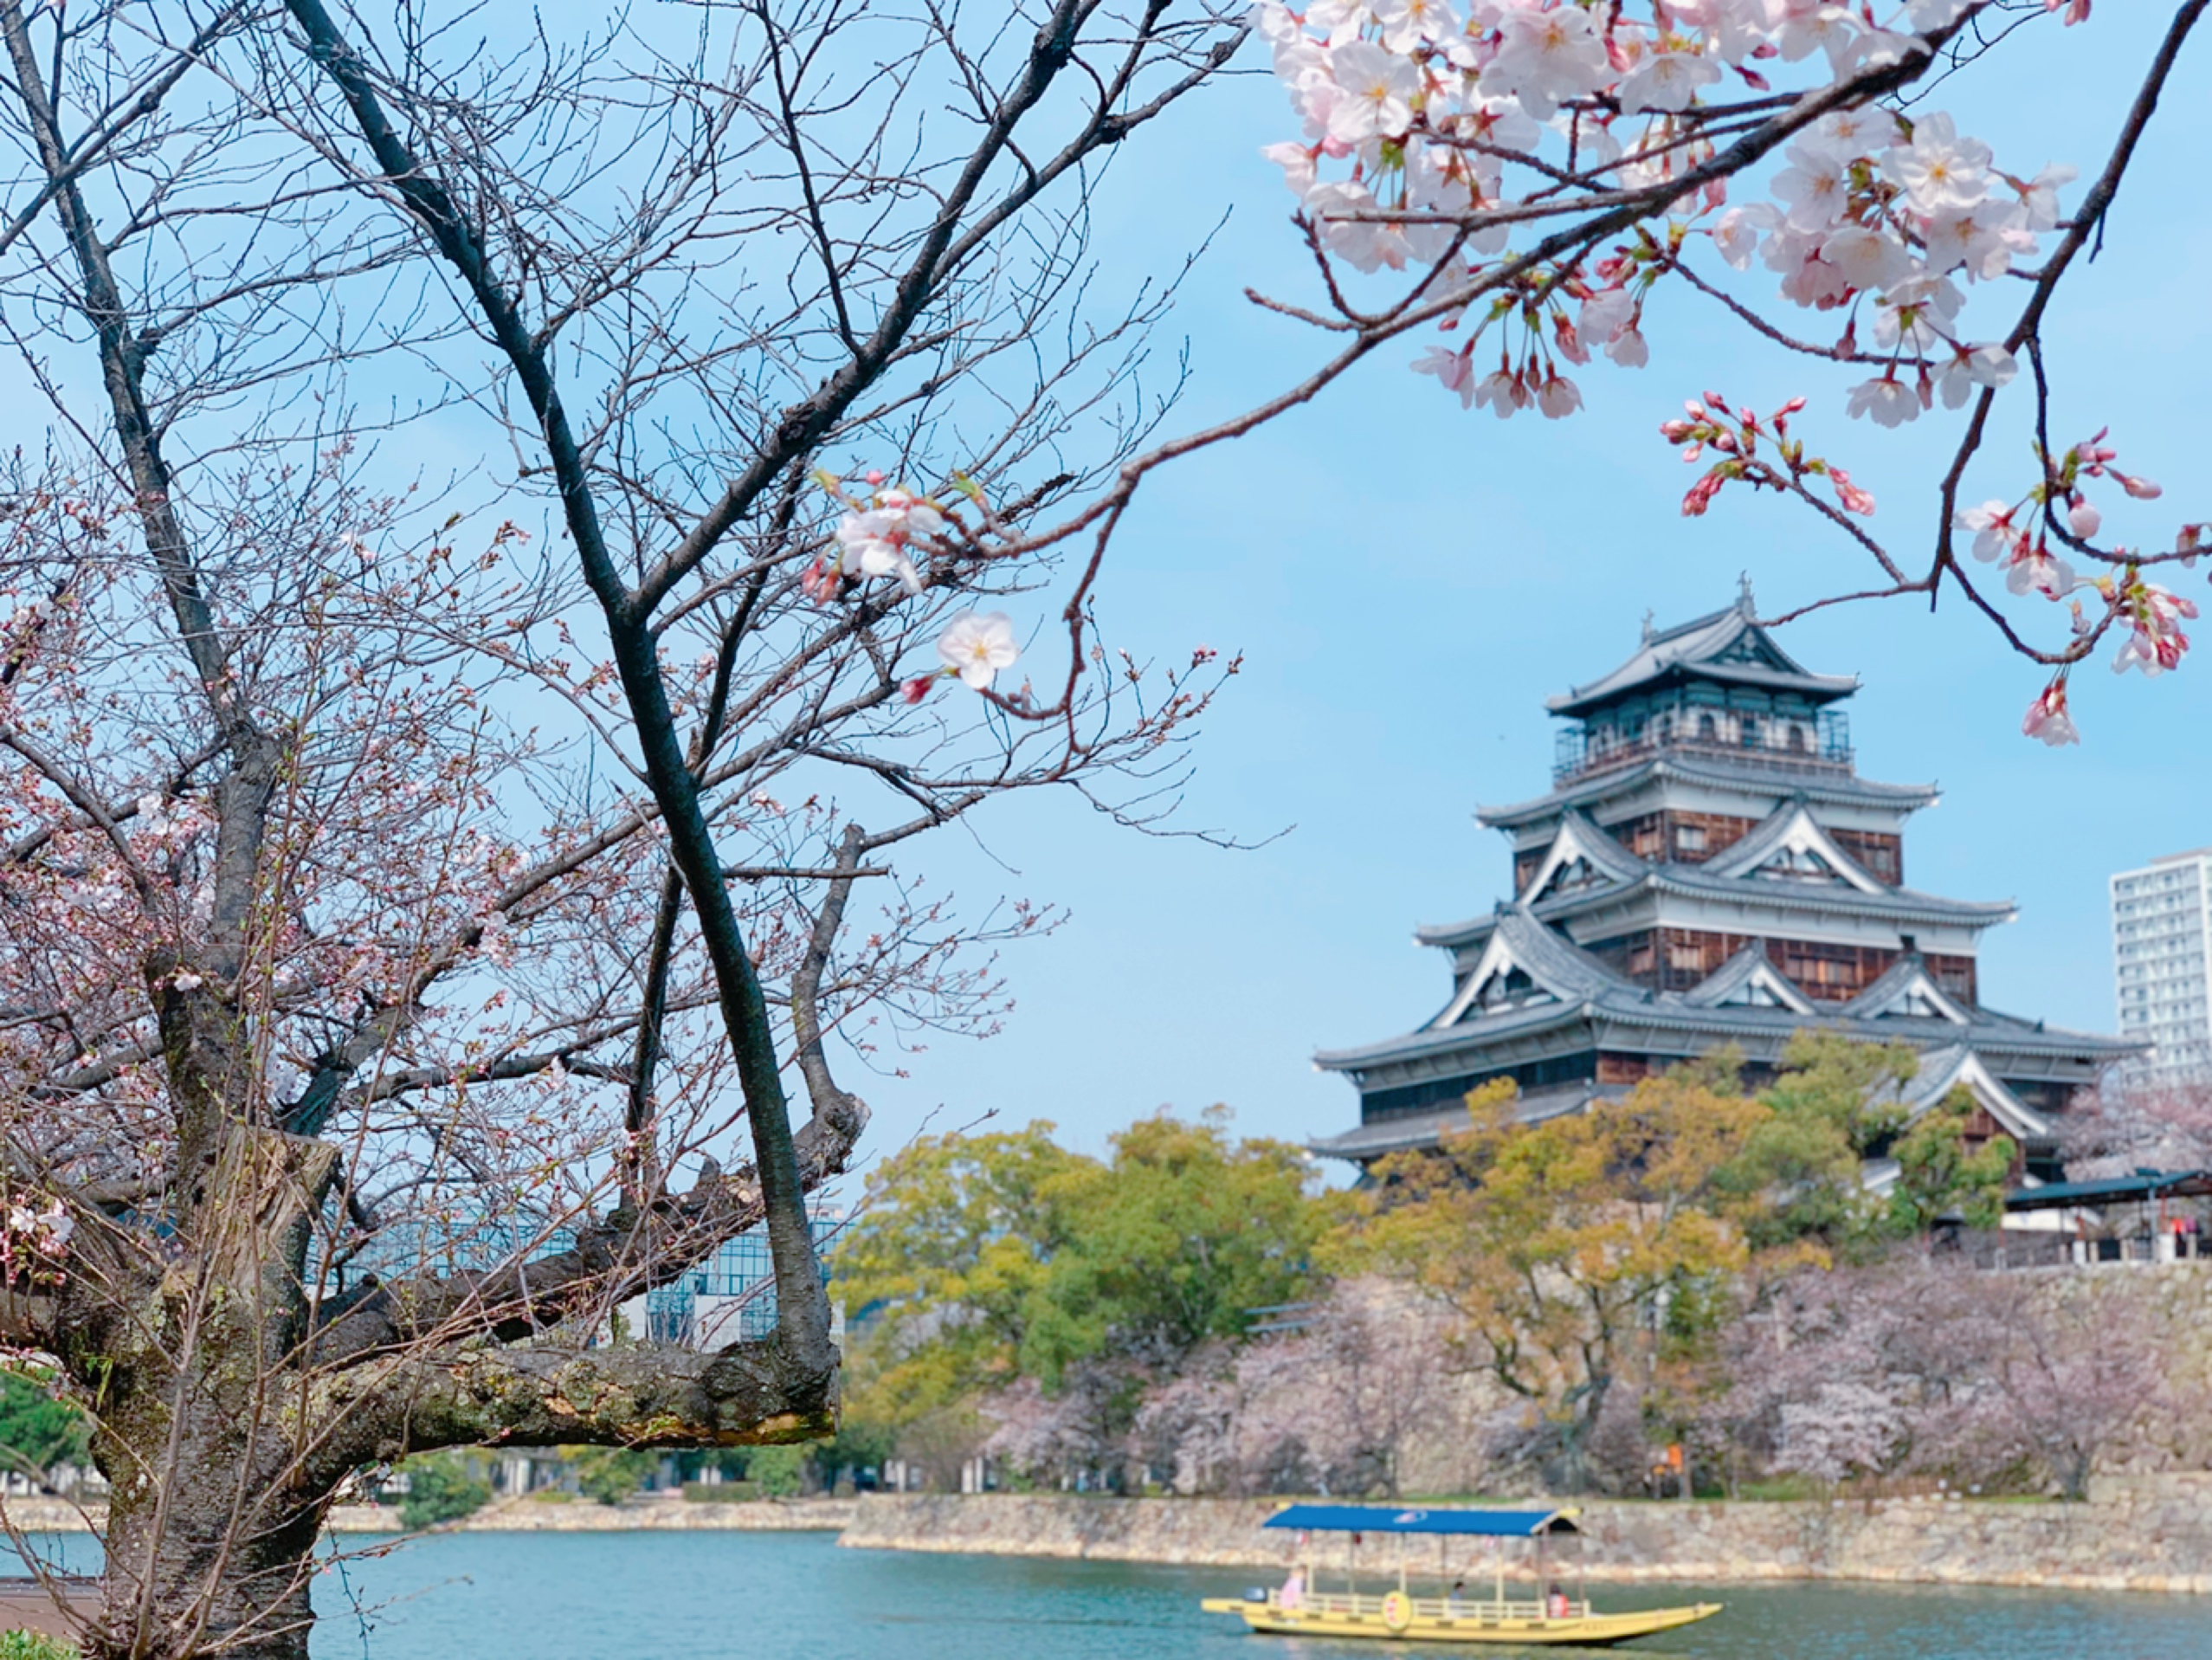 広島城で遊覧船クルーズ外国人観光客にも人気